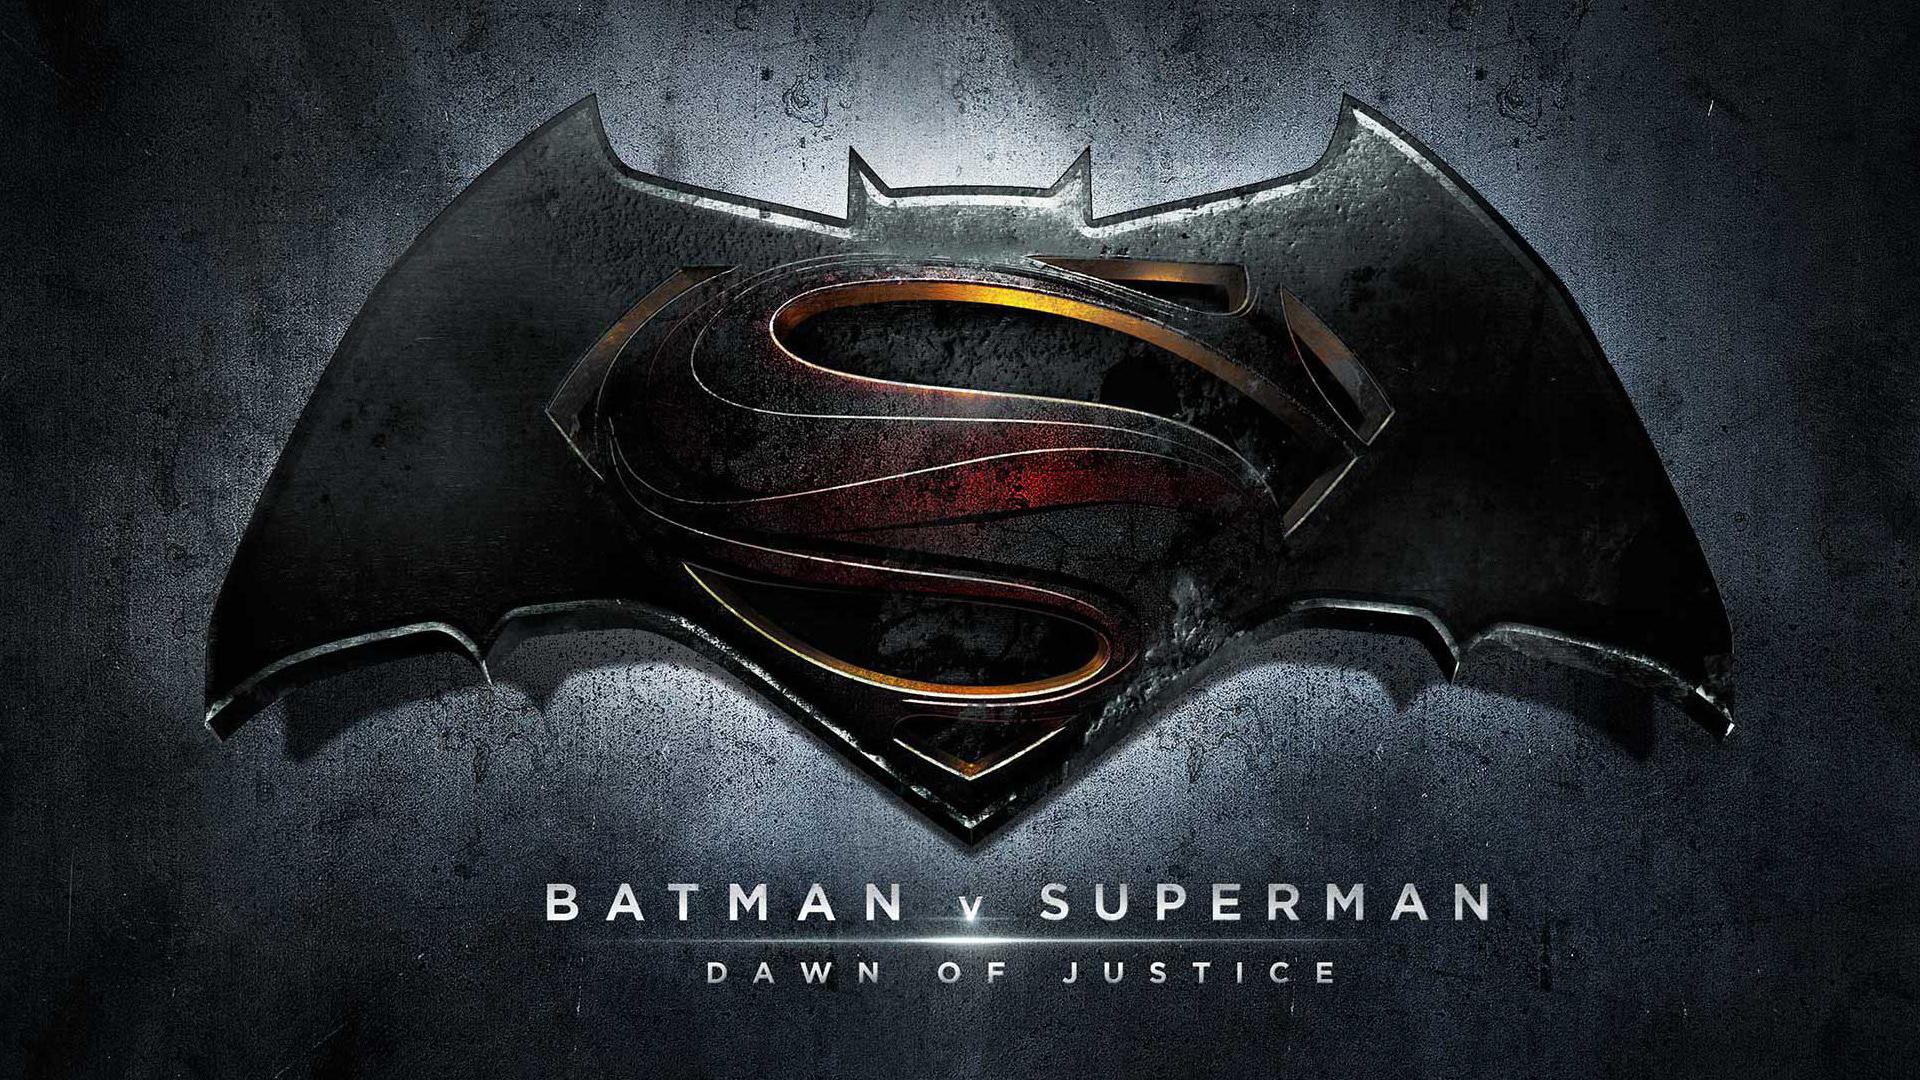 Batman v superman logo hd wallpaper voltagebd Gallery